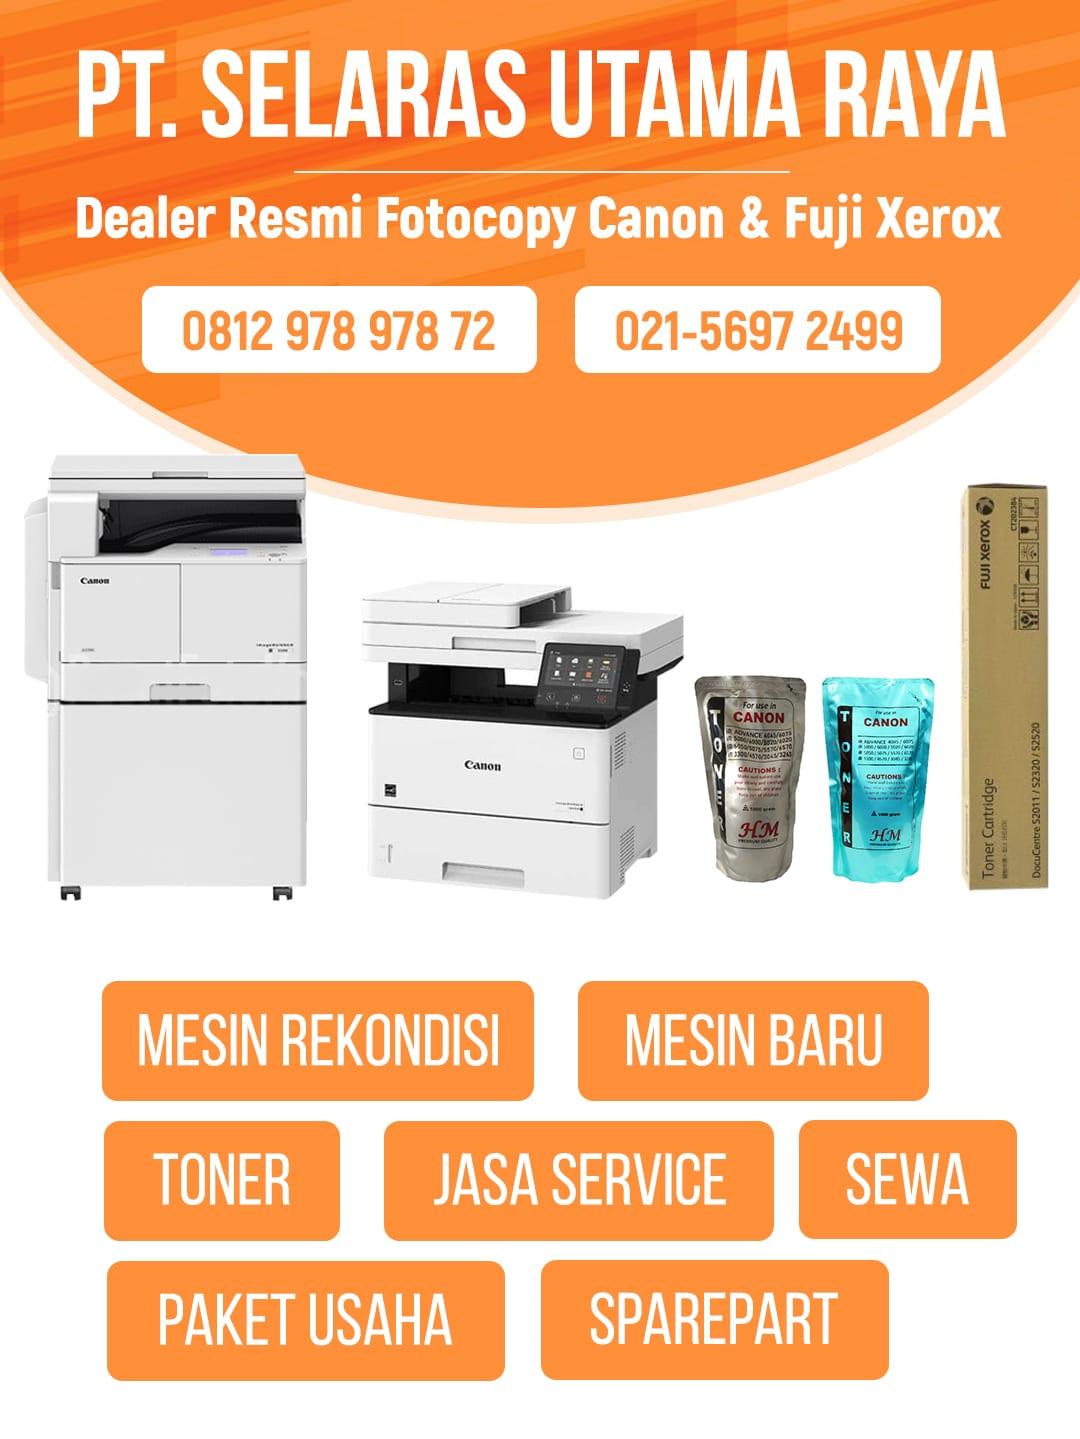 dealer resmi fotocopy canon dan fuji xerox